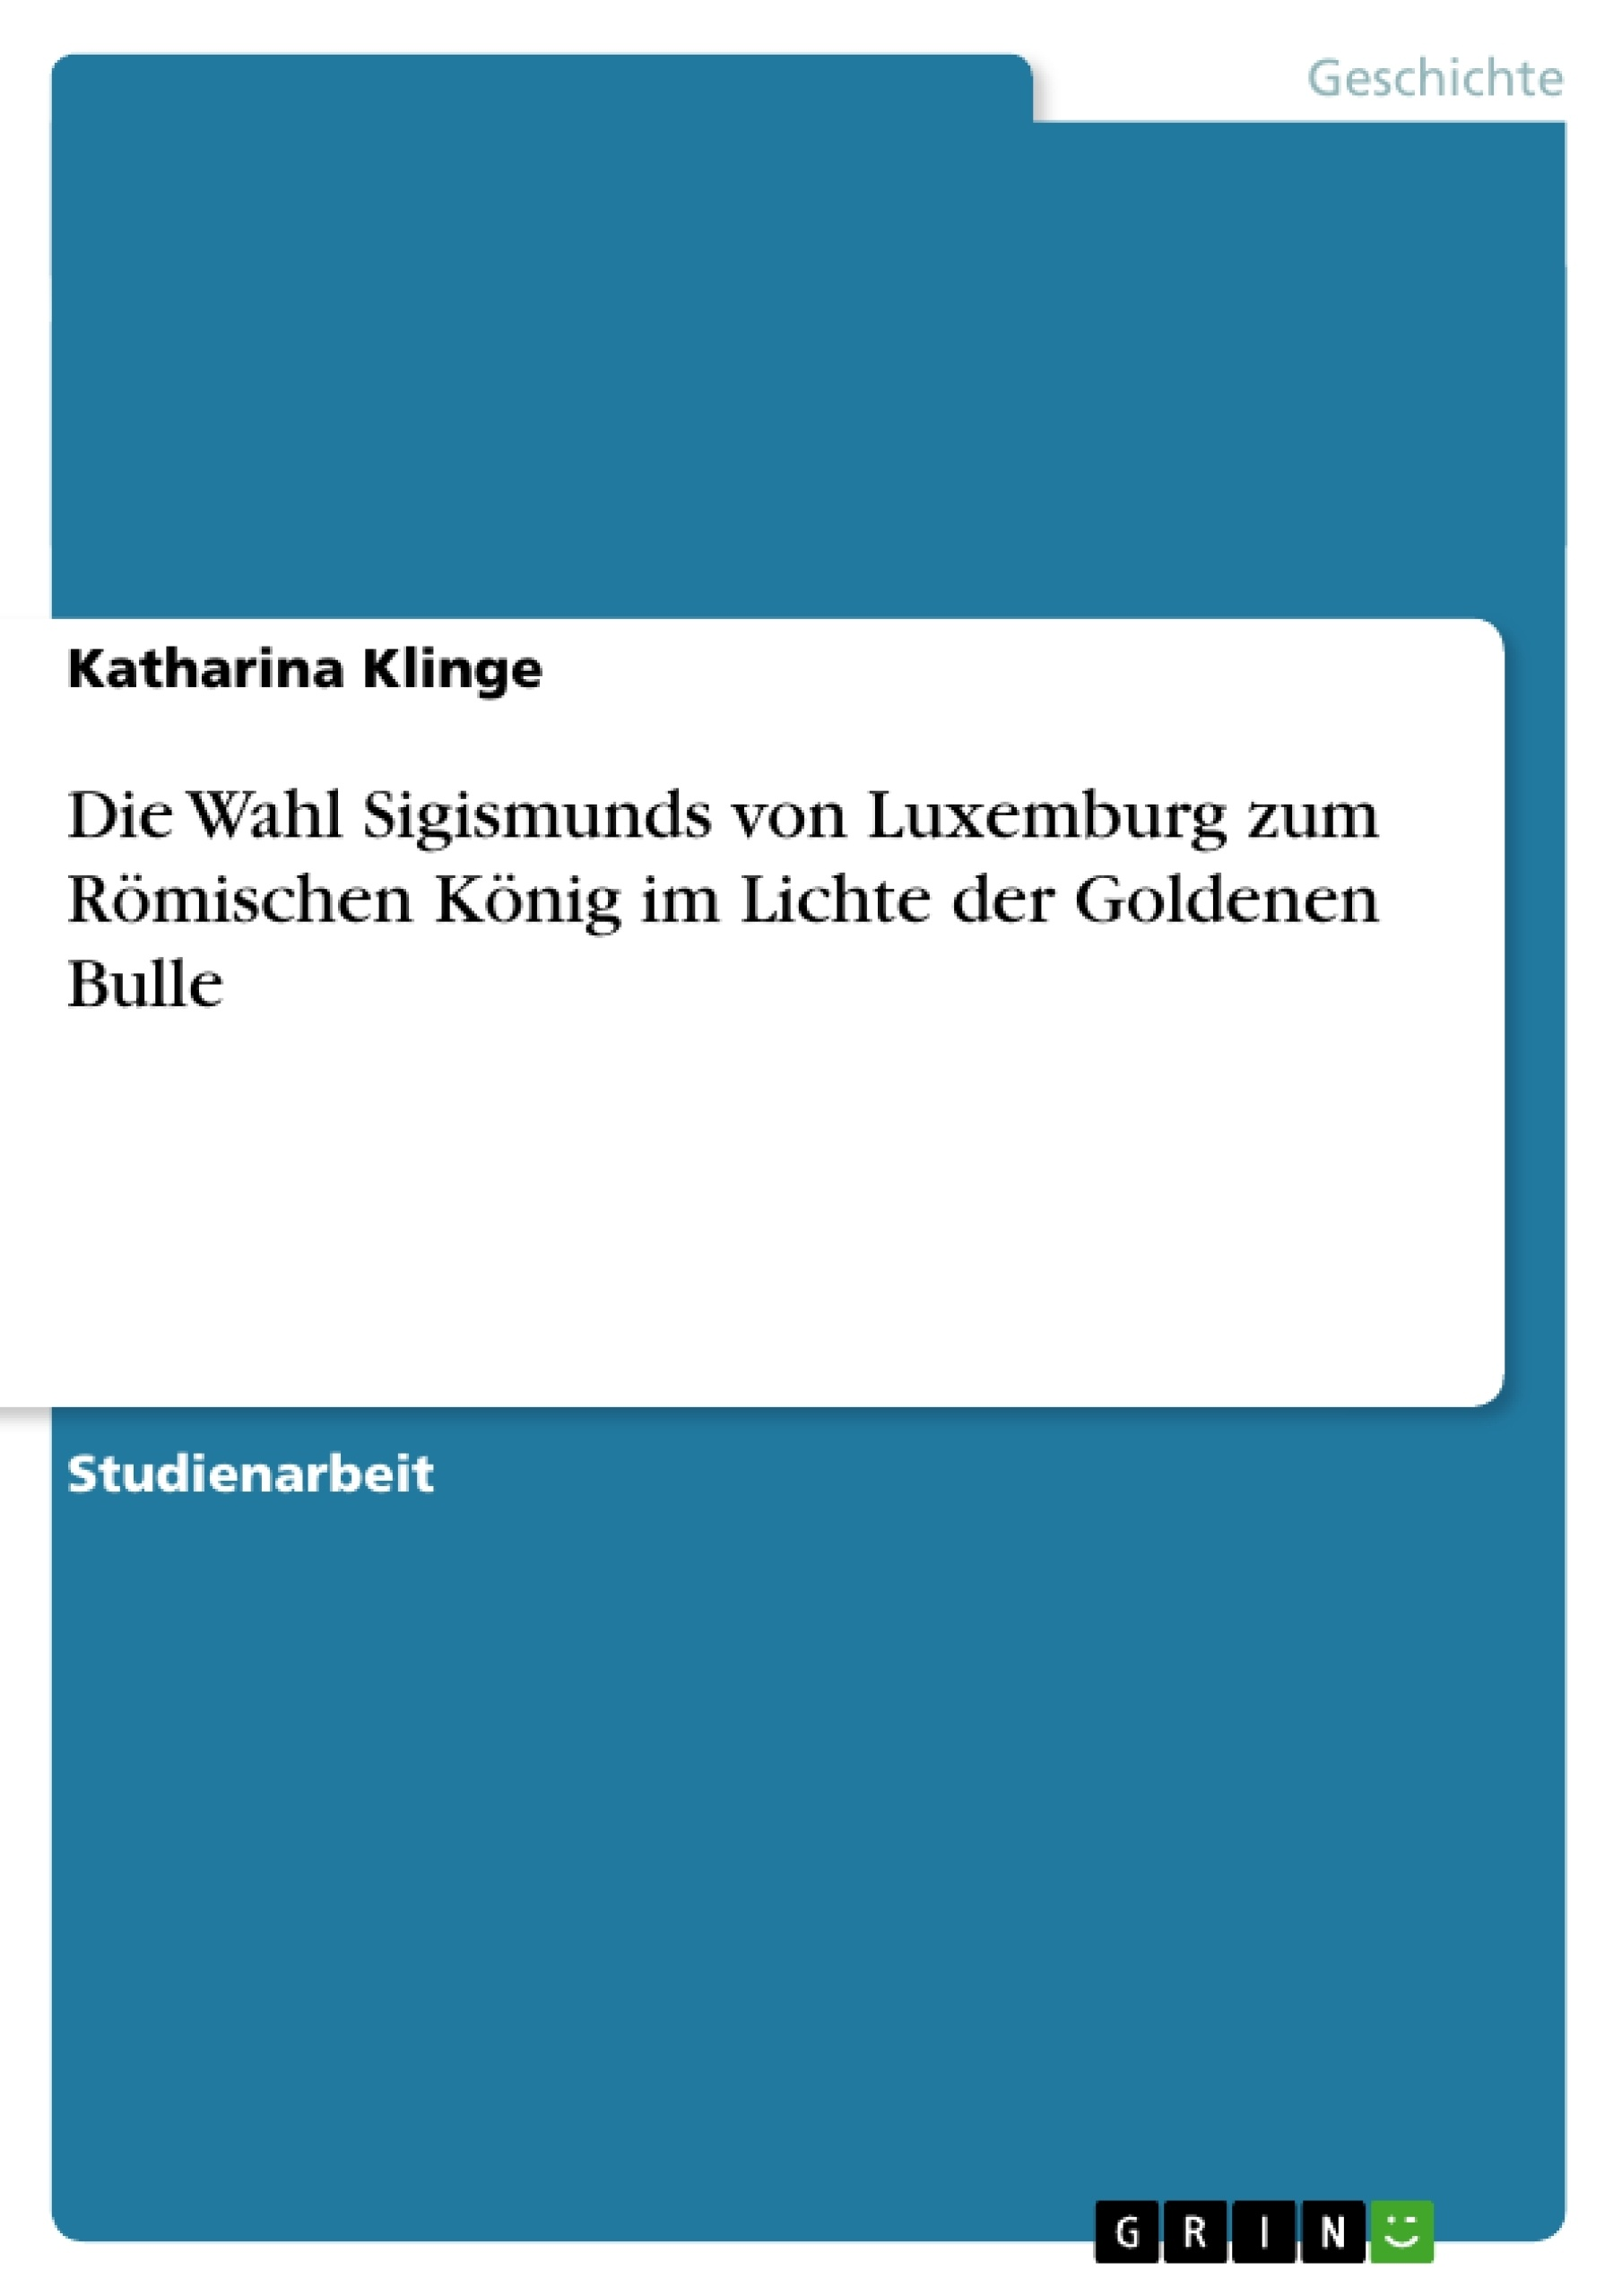 Titel: Die Wahl Sigismunds von Luxemburg zum Römischen König im Lichte der Goldenen Bulle